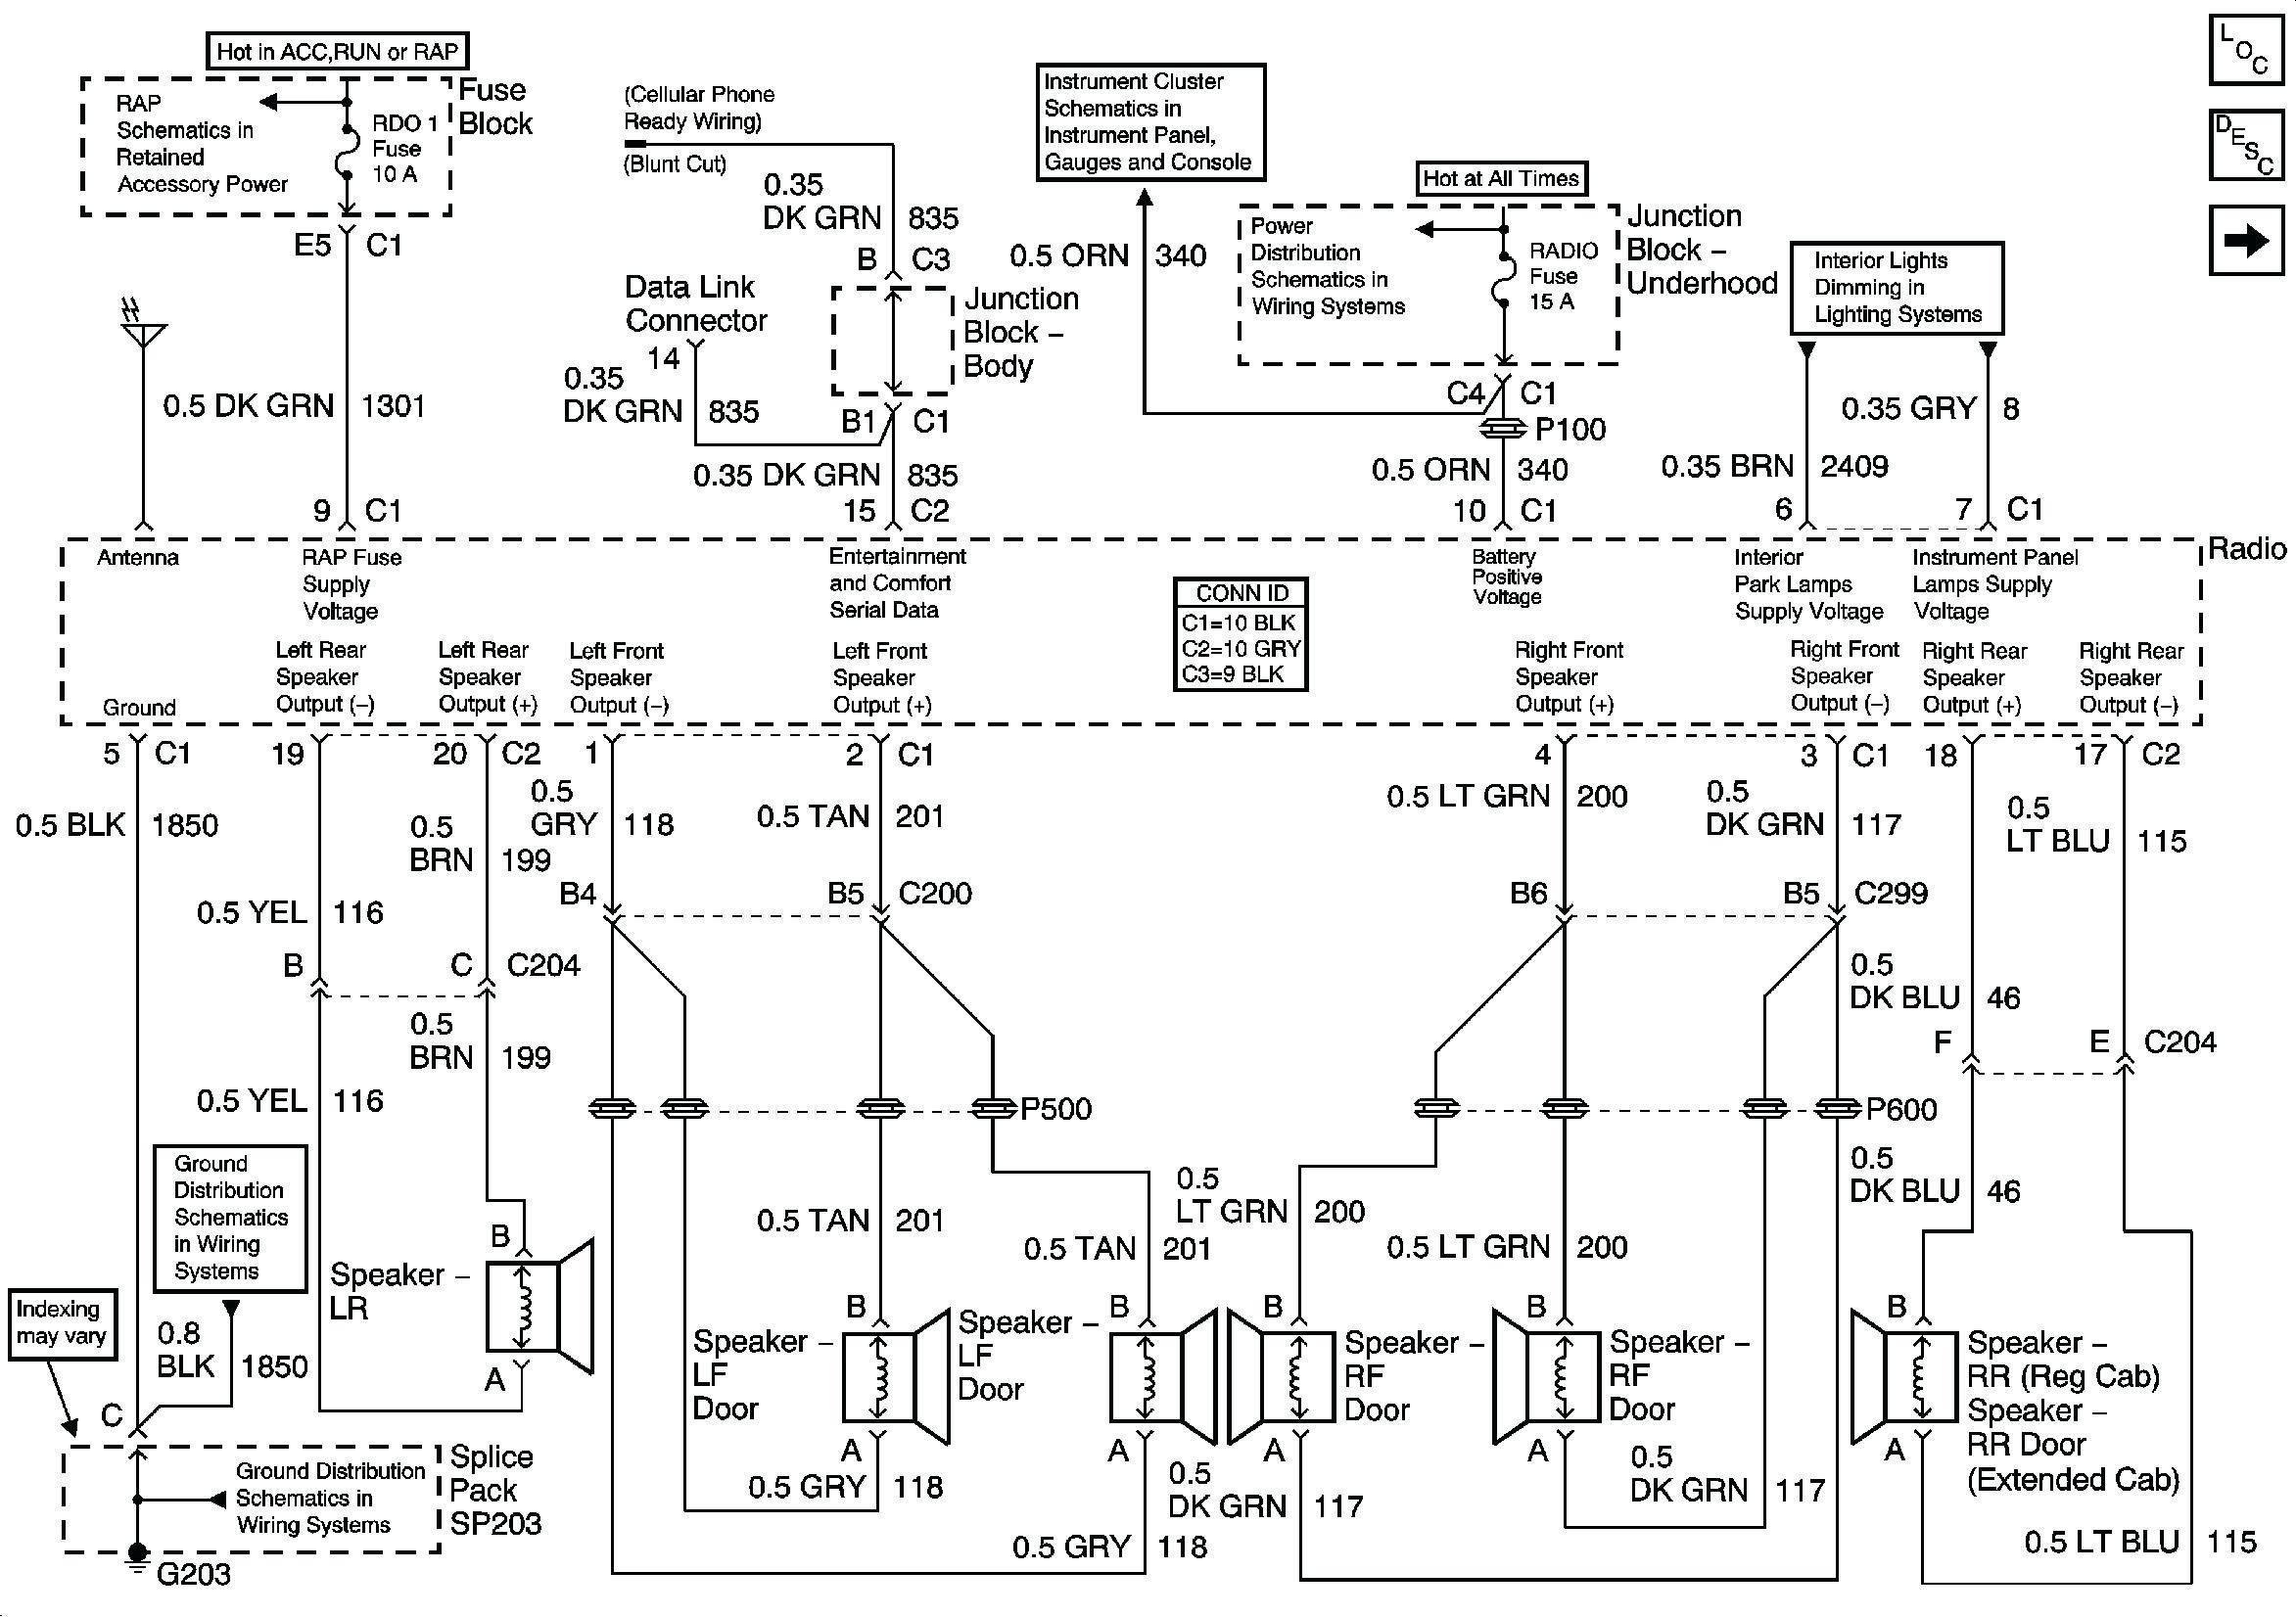 Stereo Wiring Diagram For 2003 Chevy Silverado - Wiring Diagrams - 2003 Chevy Silverado Radio Wiring Diagram